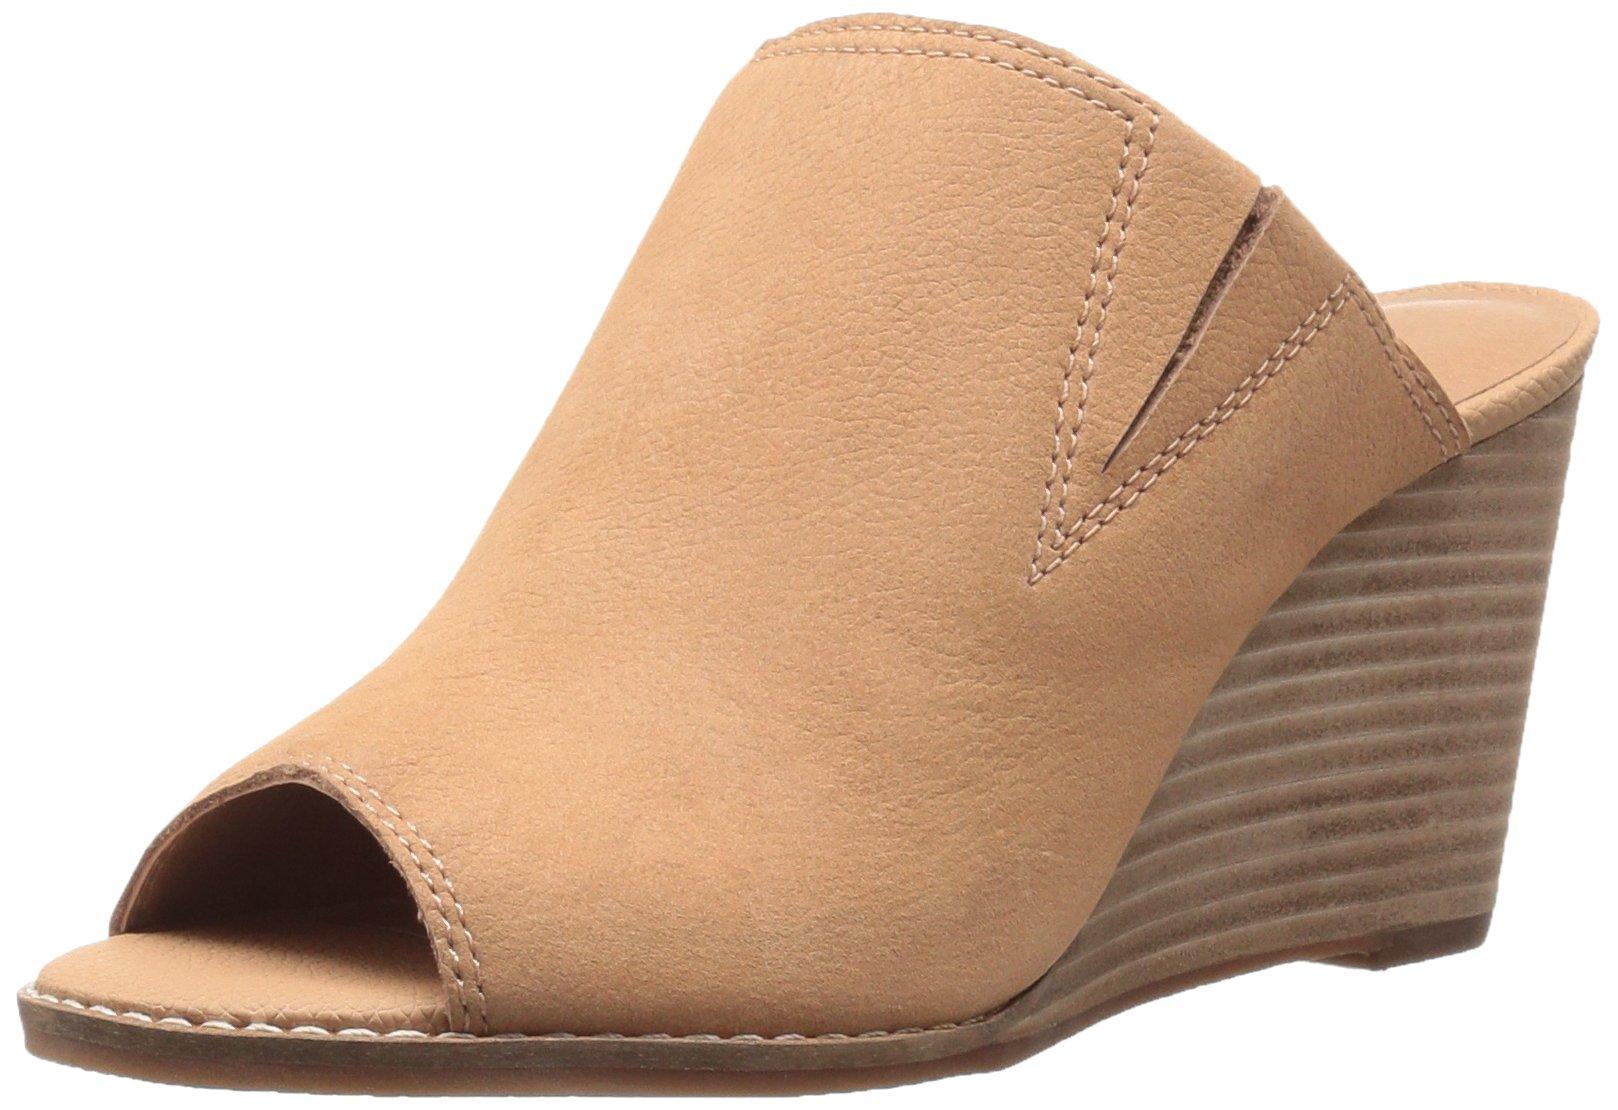 Lucky Brand Women's Jillah Mule, Glazed, 10 M US